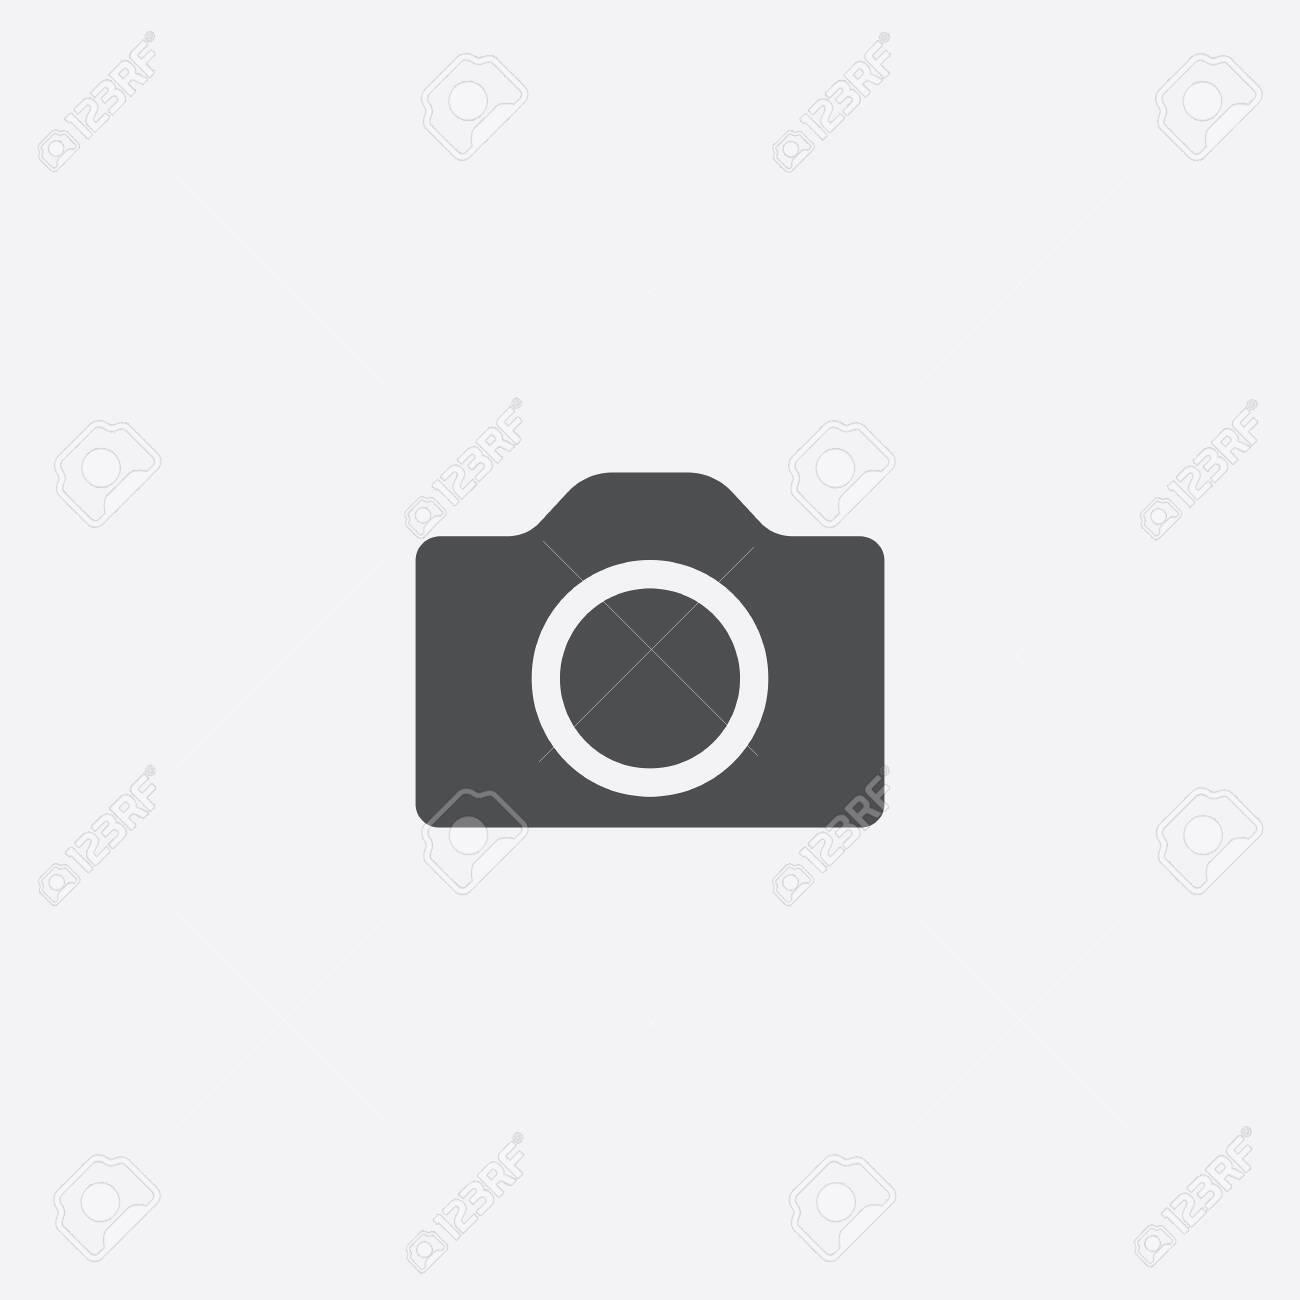 camera icon - 143431841